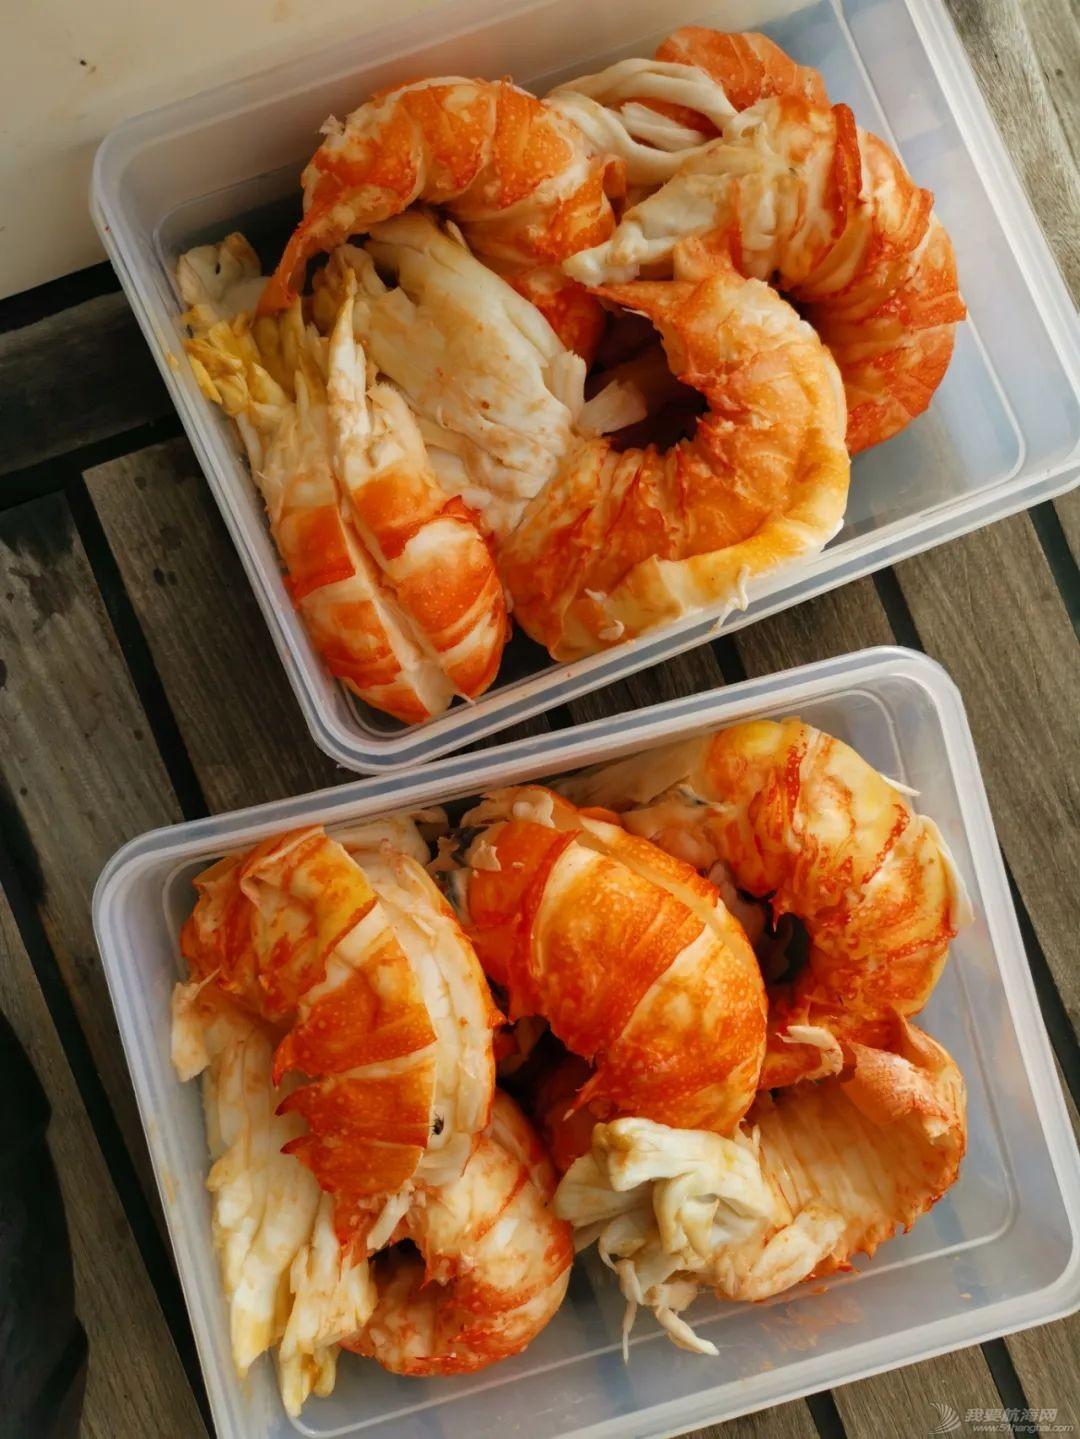 23只龙虾换不到两公斤土豆,疫情期间被困孤岛纪实(上)w68.jpg